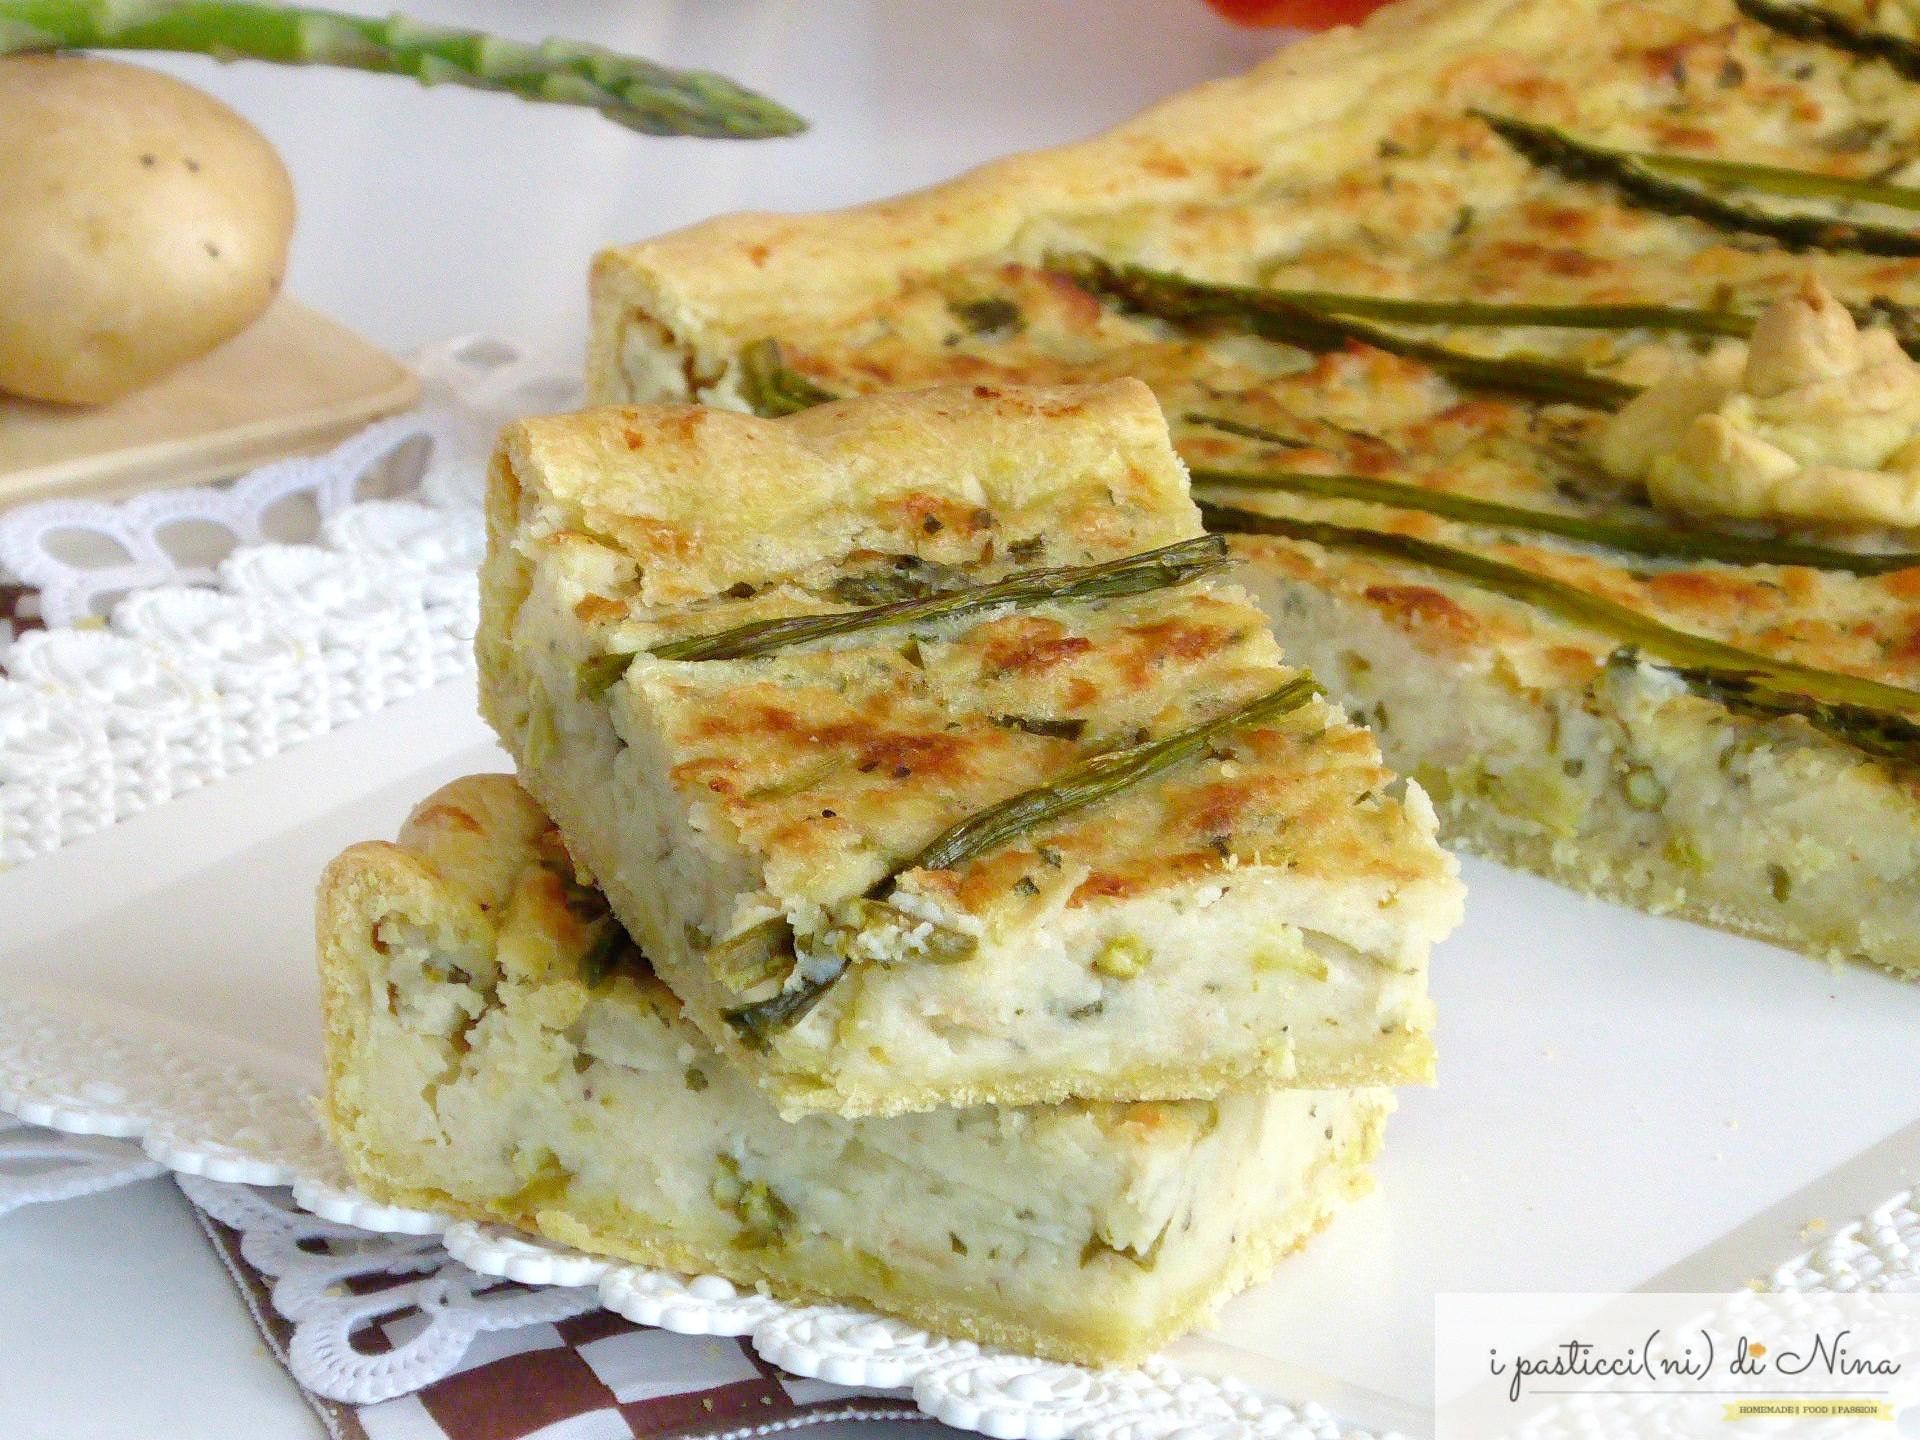 torta salata con pasta matta asparagi e patate